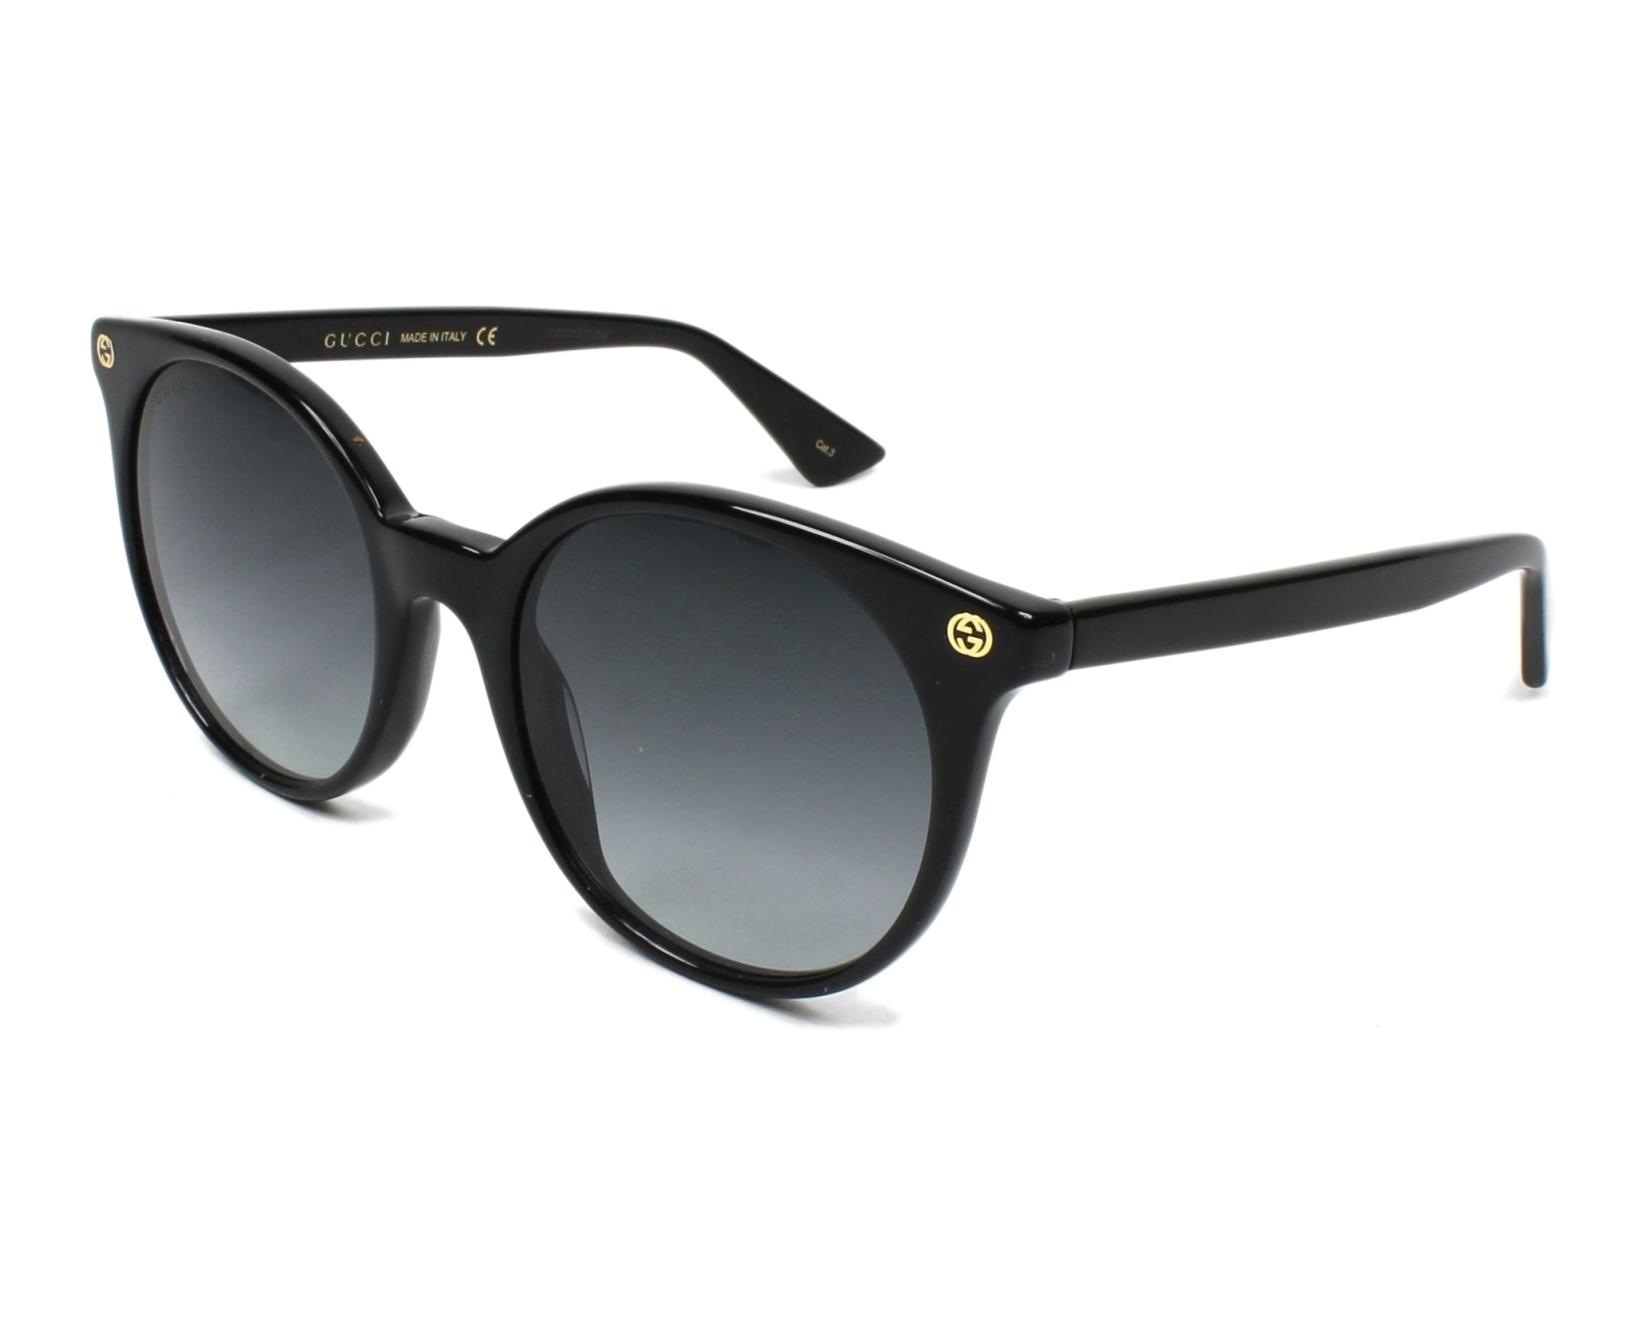 23e86fb169f Lunettes de soleil Gucci GG-0091-S 001 52-20 Noir vue de